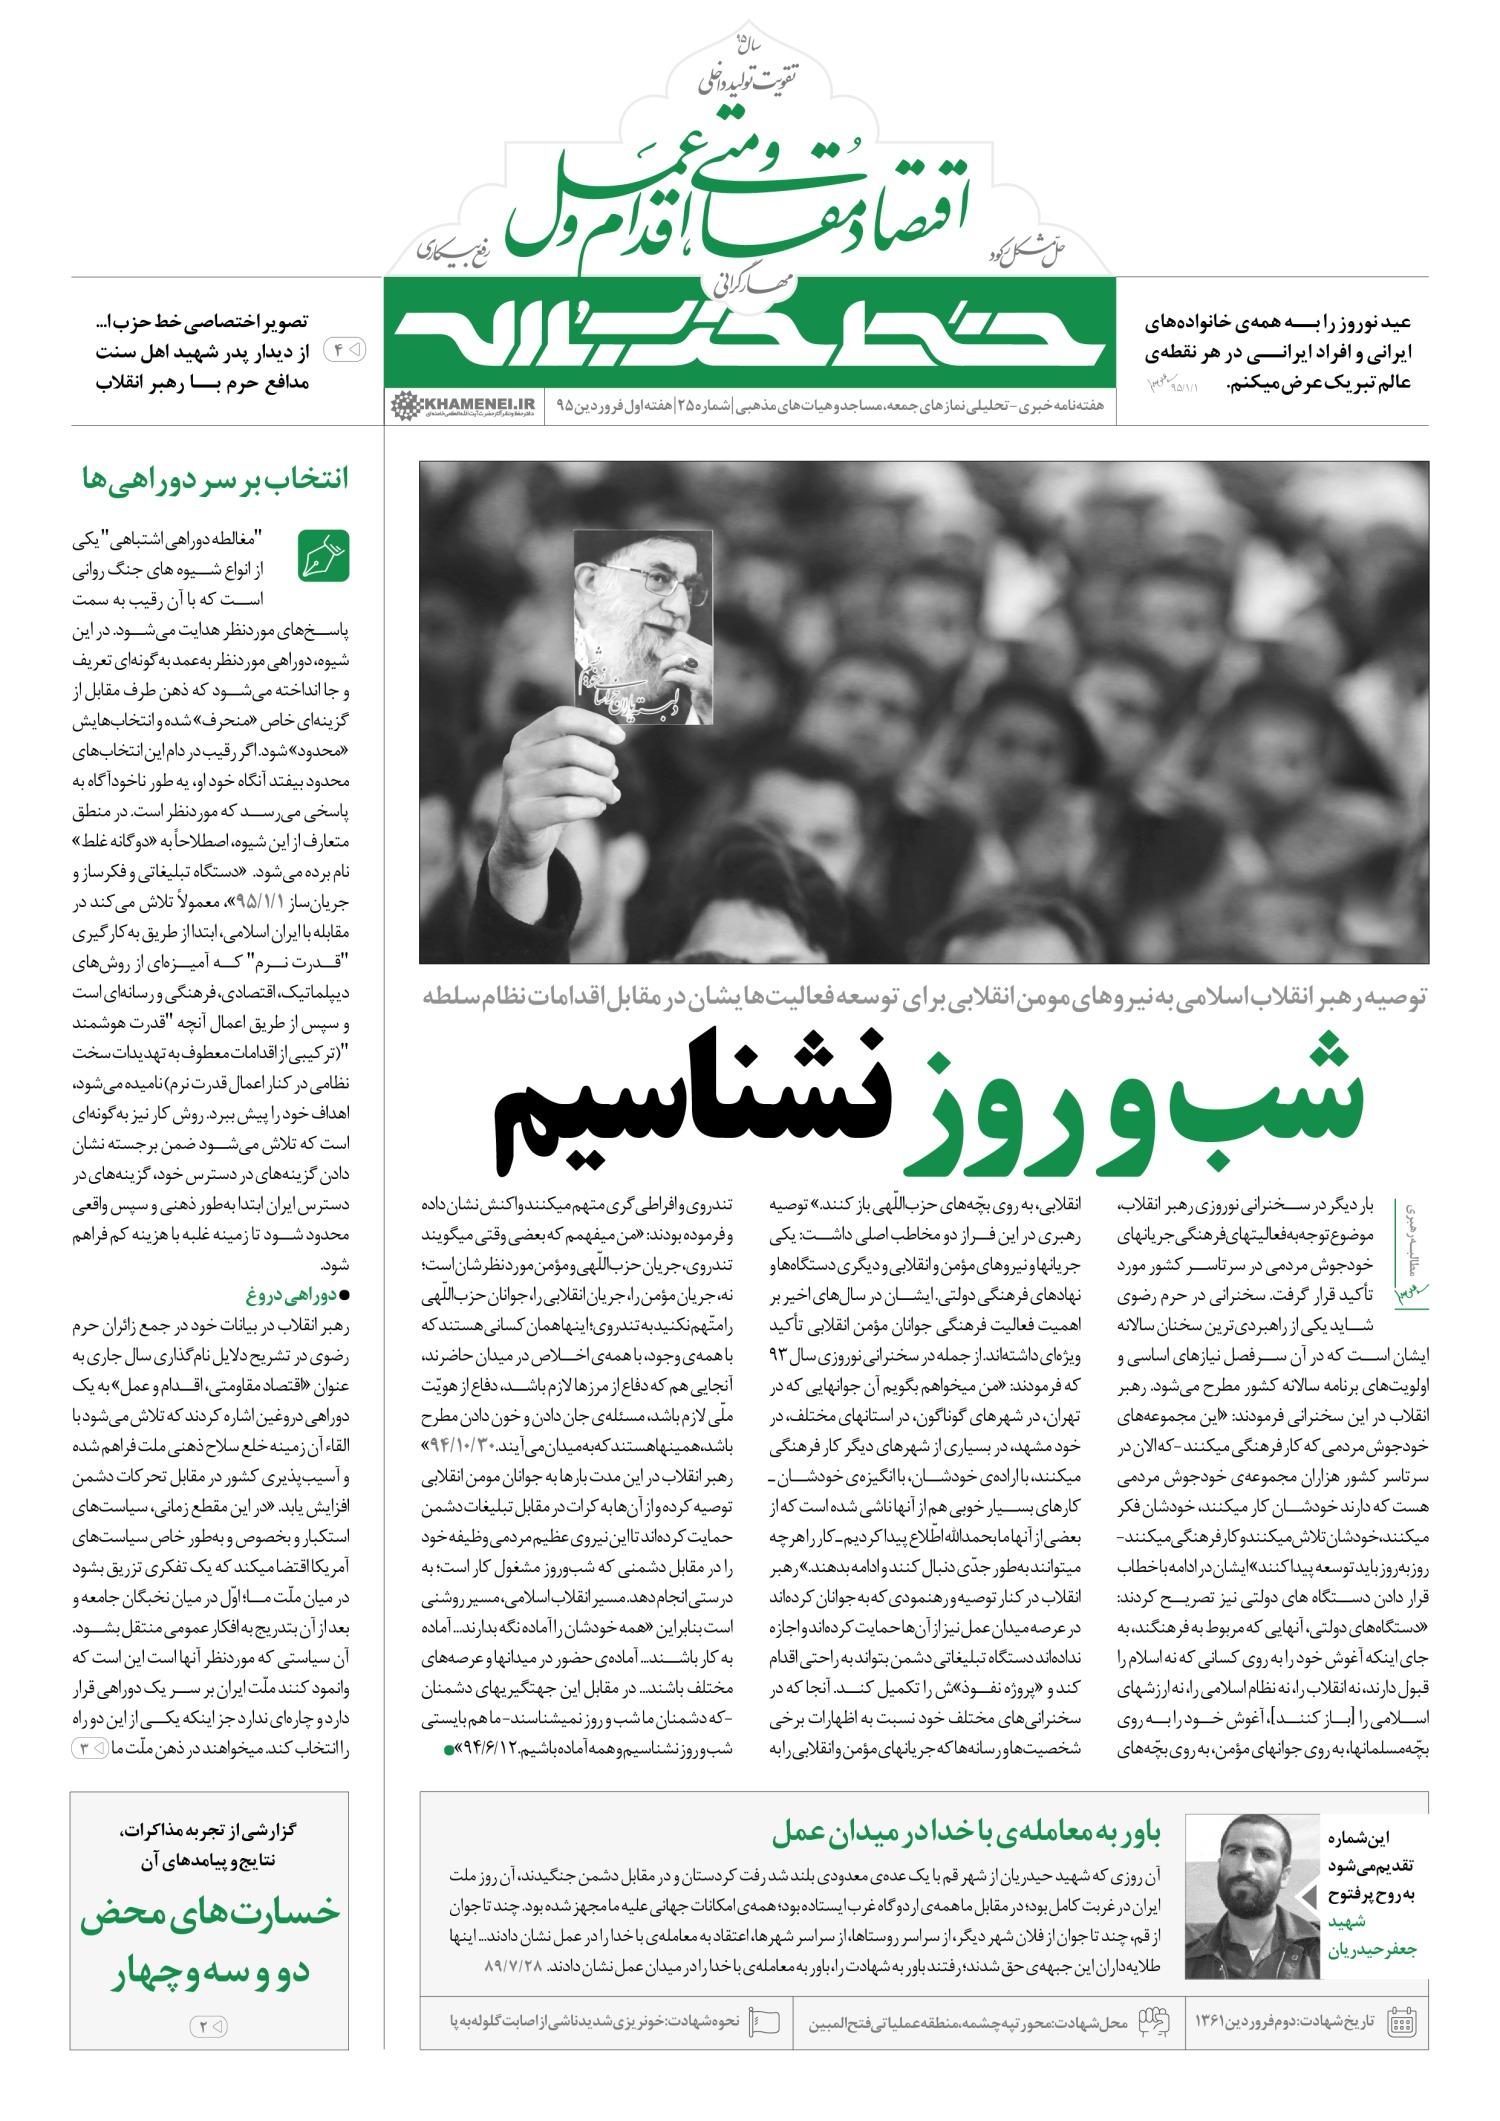 خط حزب الله -شماره بیست و پنجم خط حزب الله -شماره پنجم خط حزب الله -شماره بیست و پنجم page large 1 2